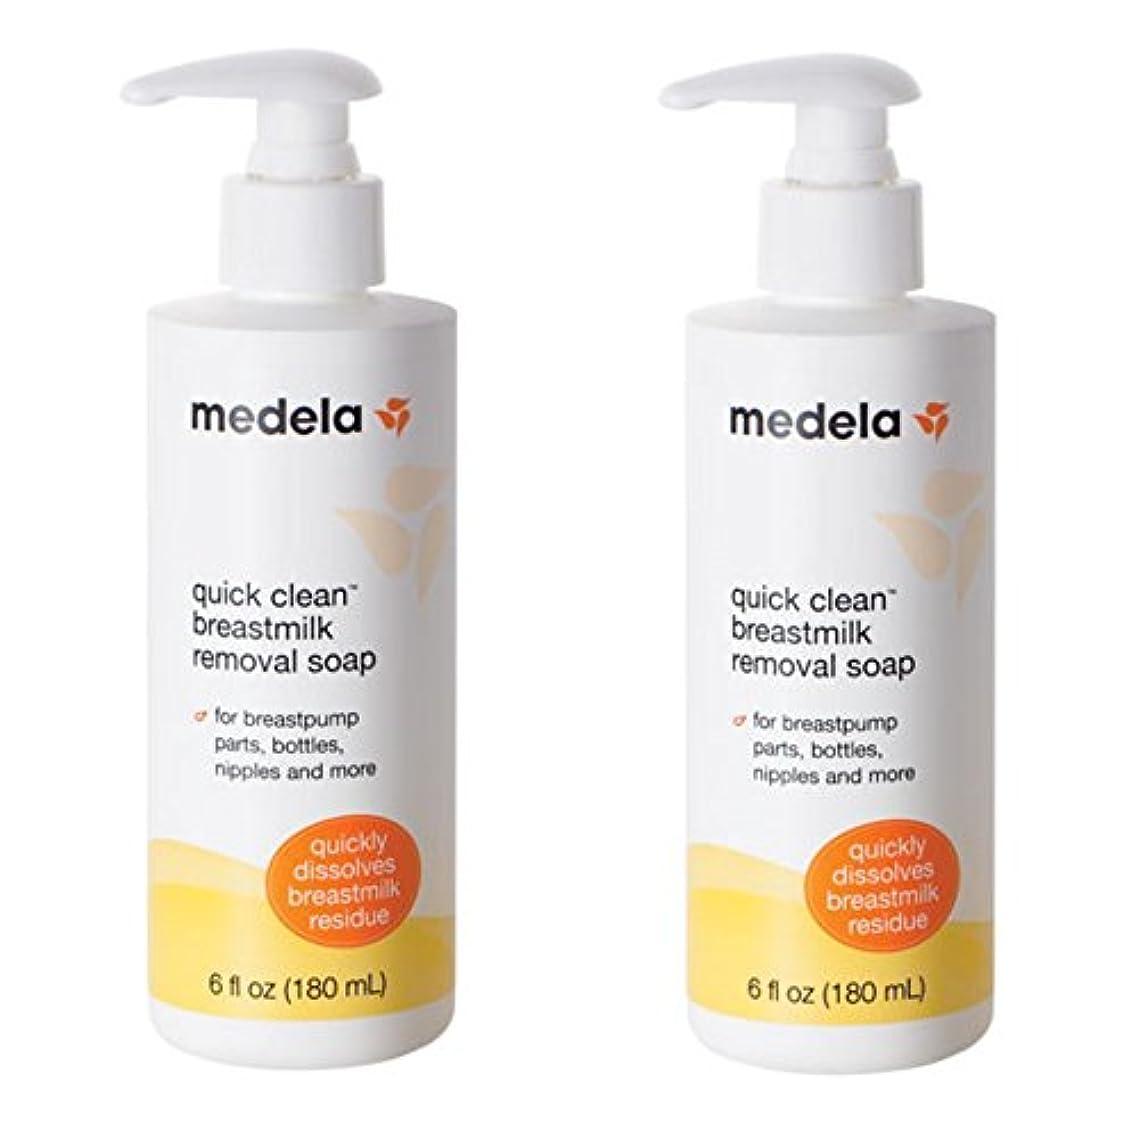 発掘するこどもの日田舎者Medela Quick Clean Breastmilk Removal Soap, 2 - 6 Ounce Bottles by Medela